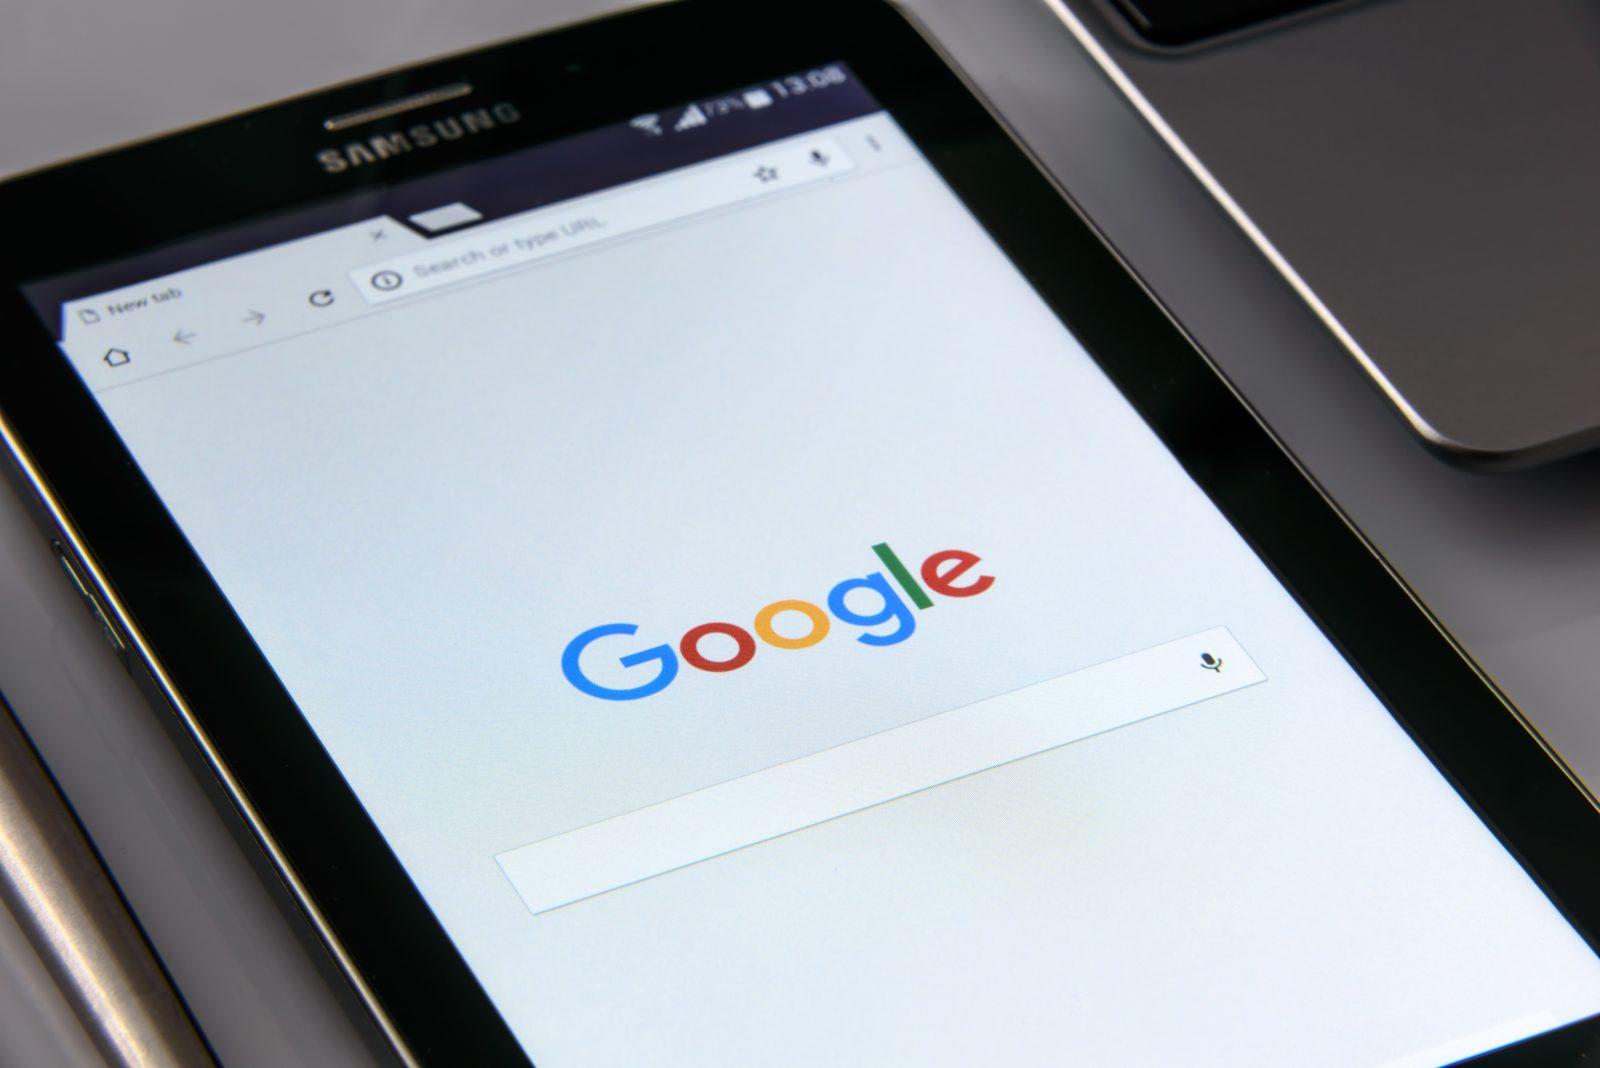 Google in Cina potrebbe collegare le ricerche degli utenti al loro numero di telefono